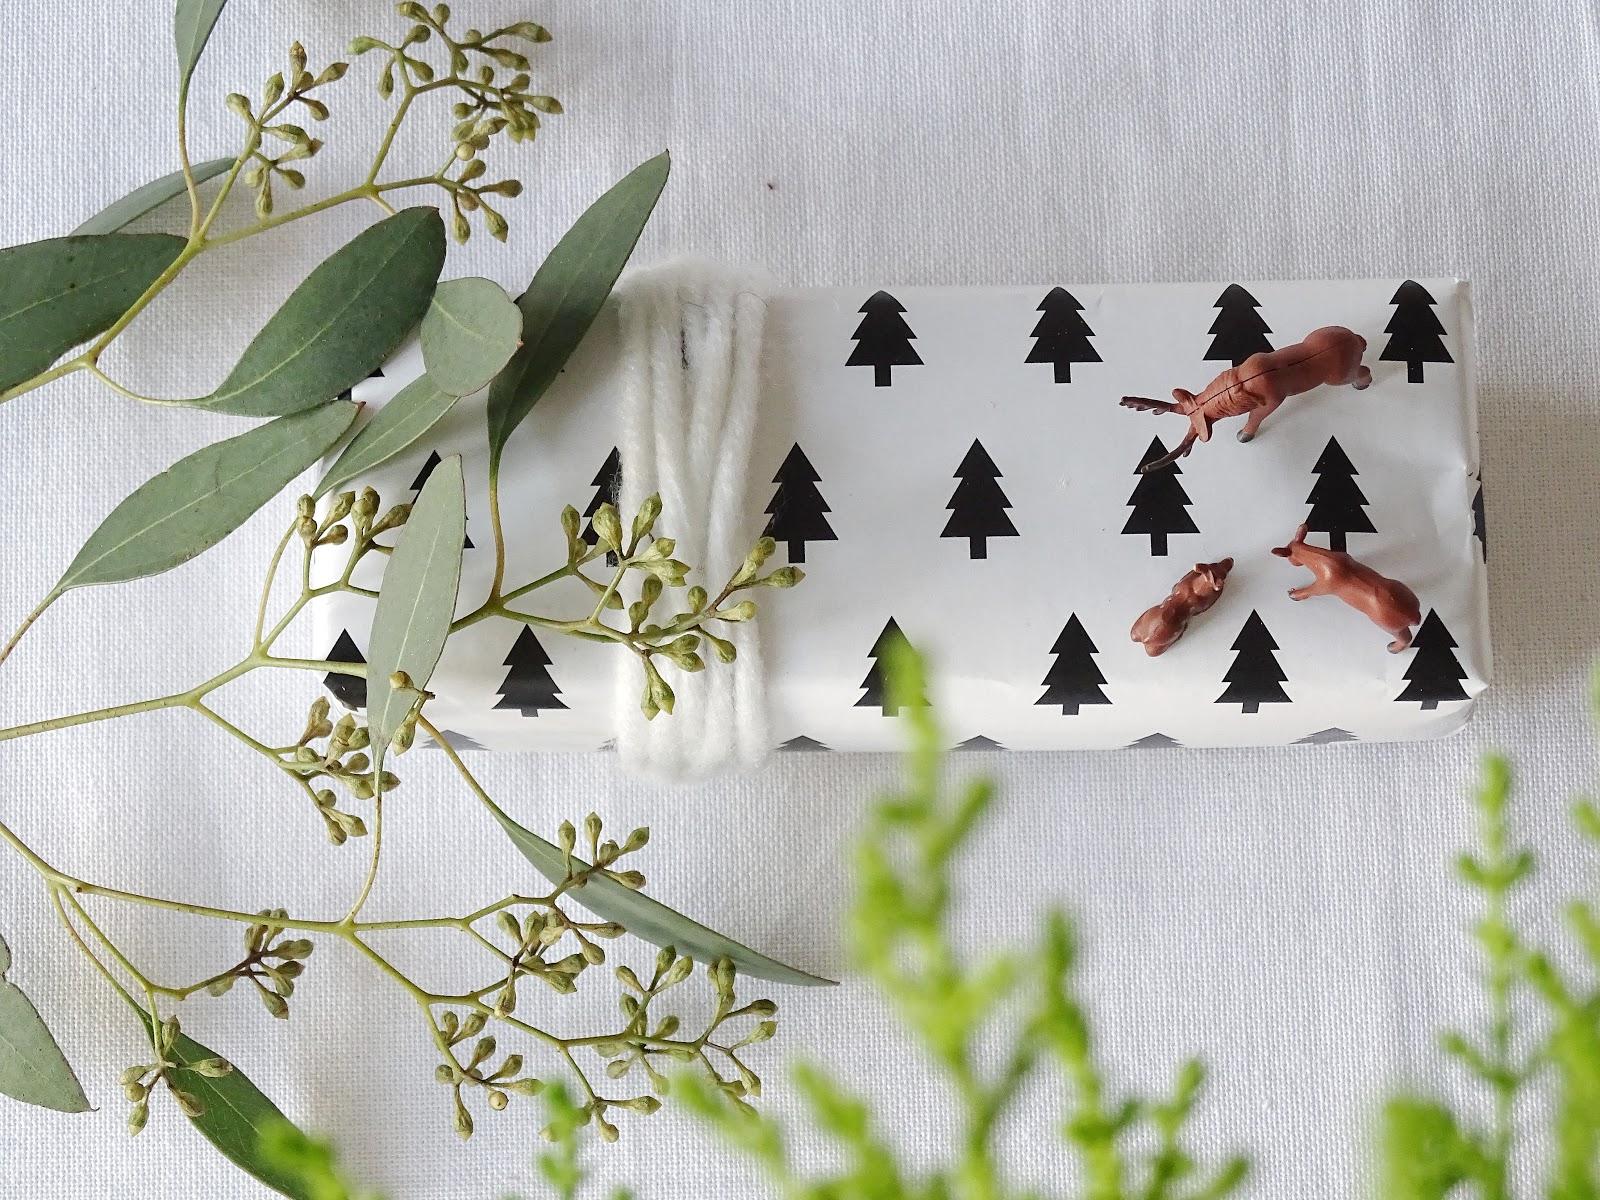 Geschenke schön, besonders, schnell & einfach, natürlich, skandinavisch-frisch ohne viel Aufwand verpacken - https://mammilade.blogspot.de